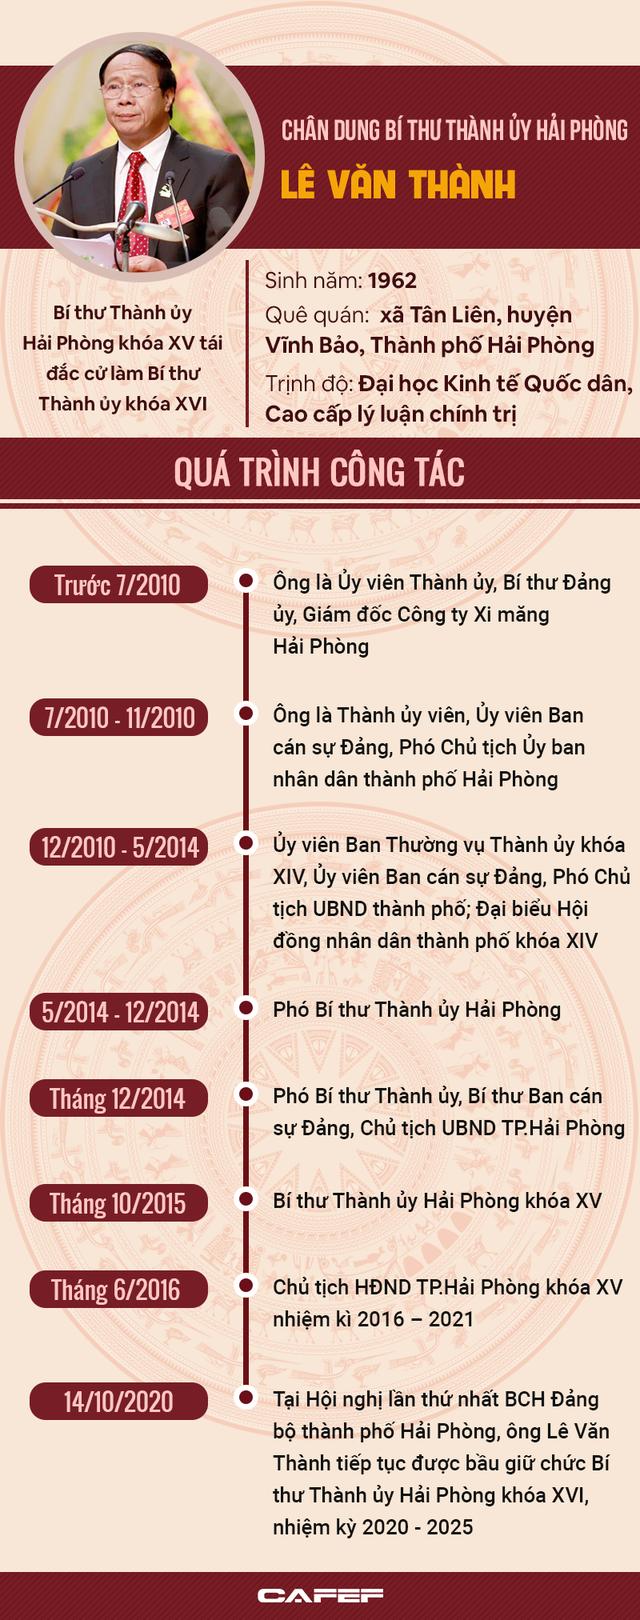 Ông Lê Văn Thành tái đắc cử Bí thư Thành ủy Hải Phòng - Ảnh 1.